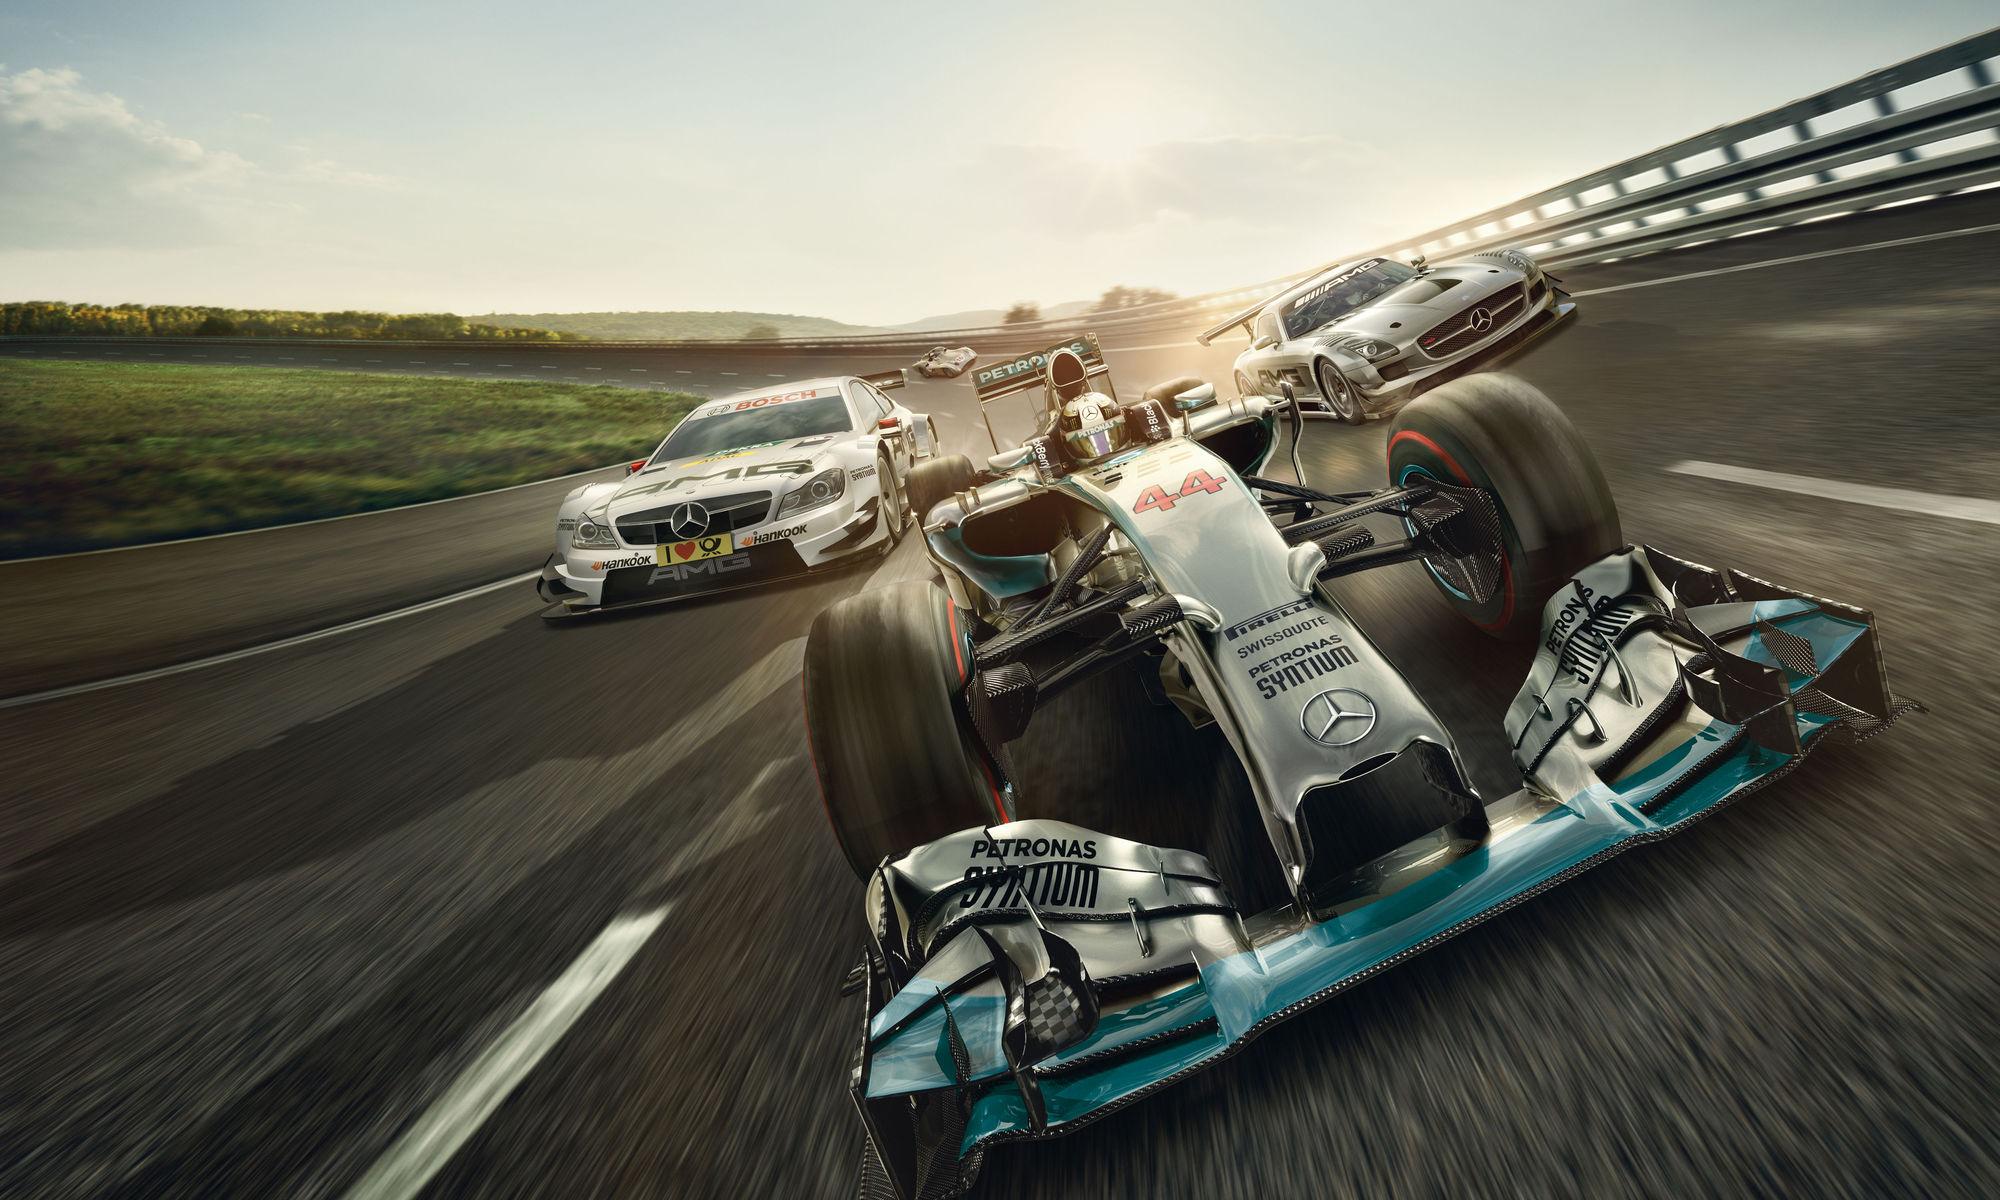 RECOM CGI : Mercedes - F1 - Groupshot